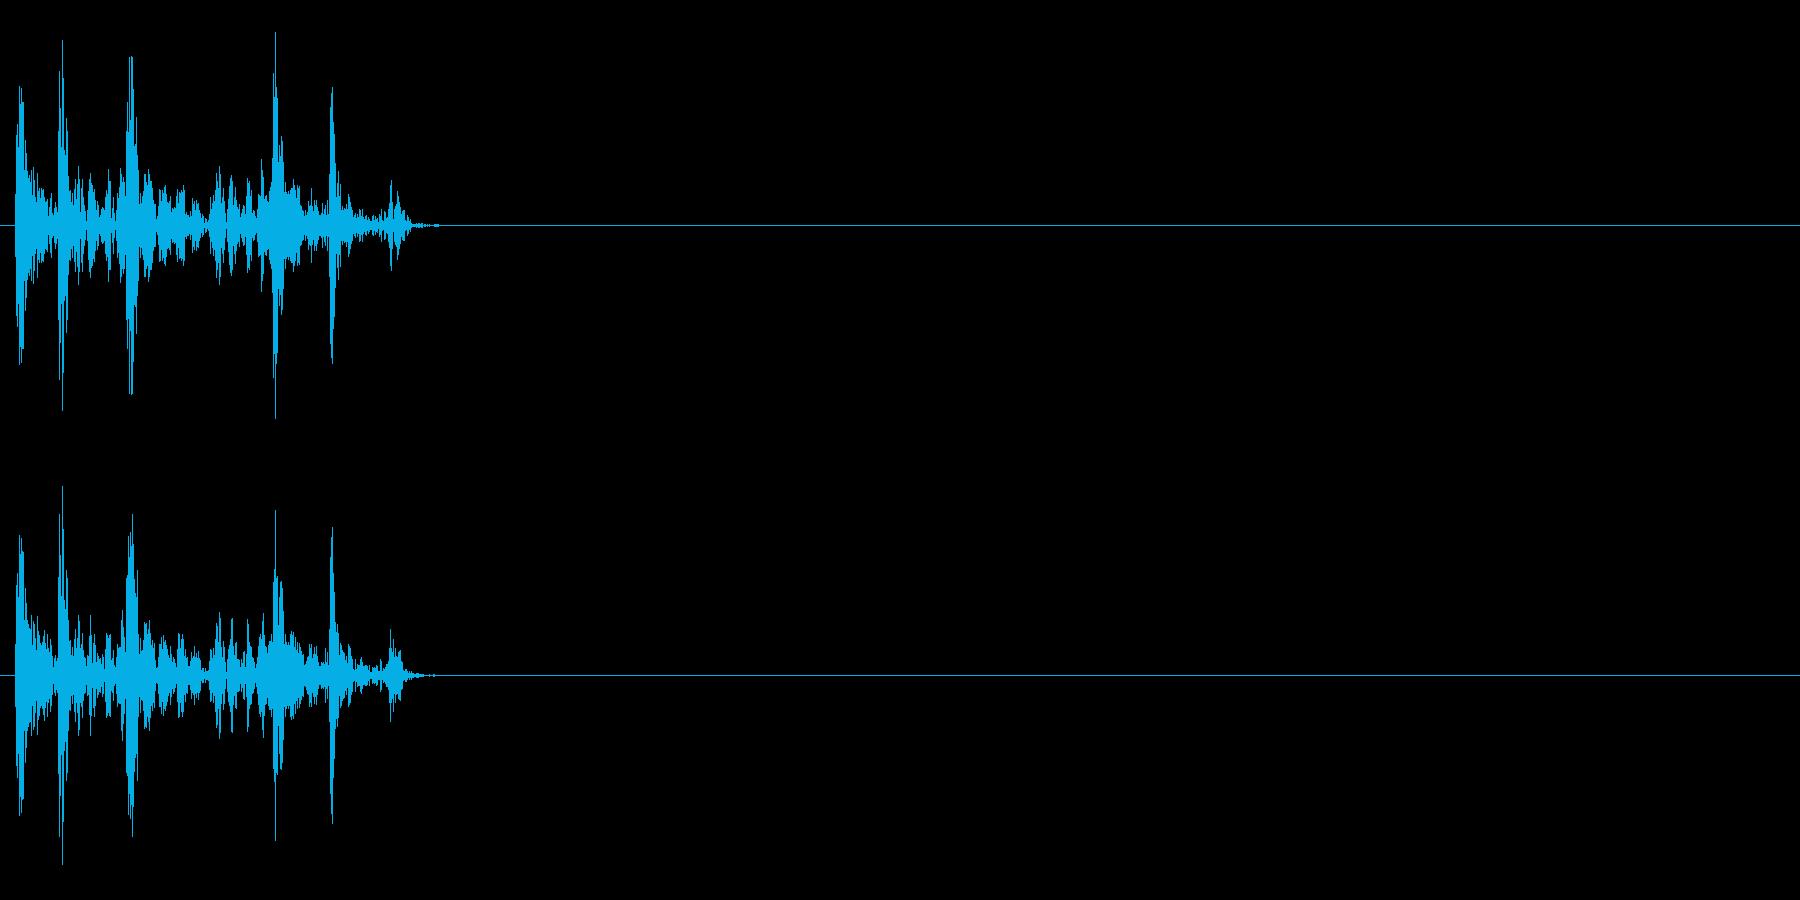 決定音(カシャリ)の再生済みの波形